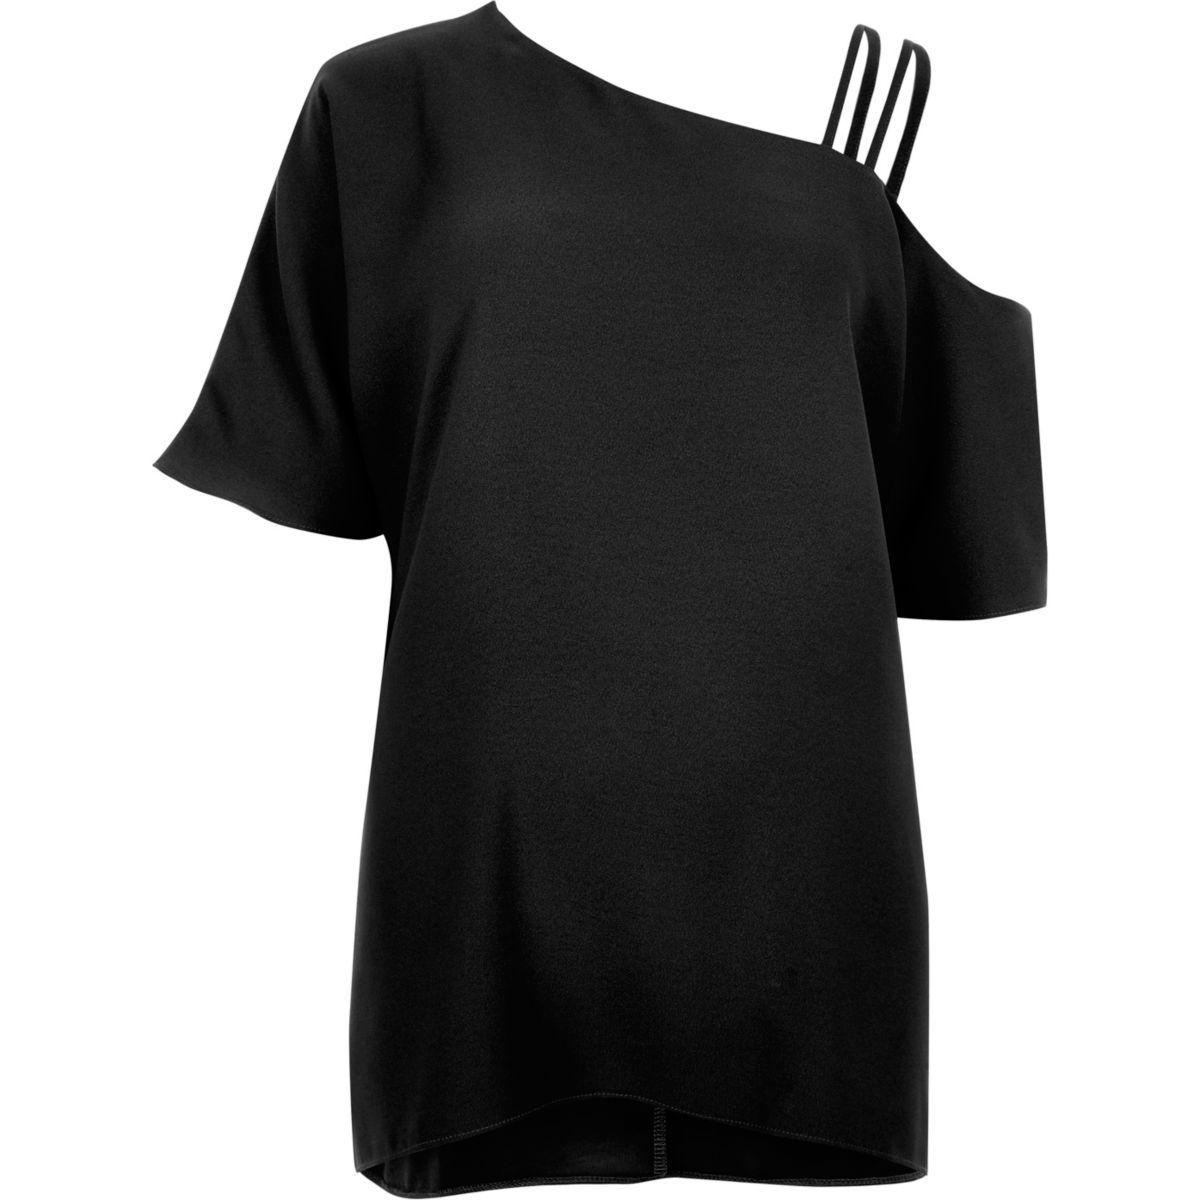 Schwarzes Camisole